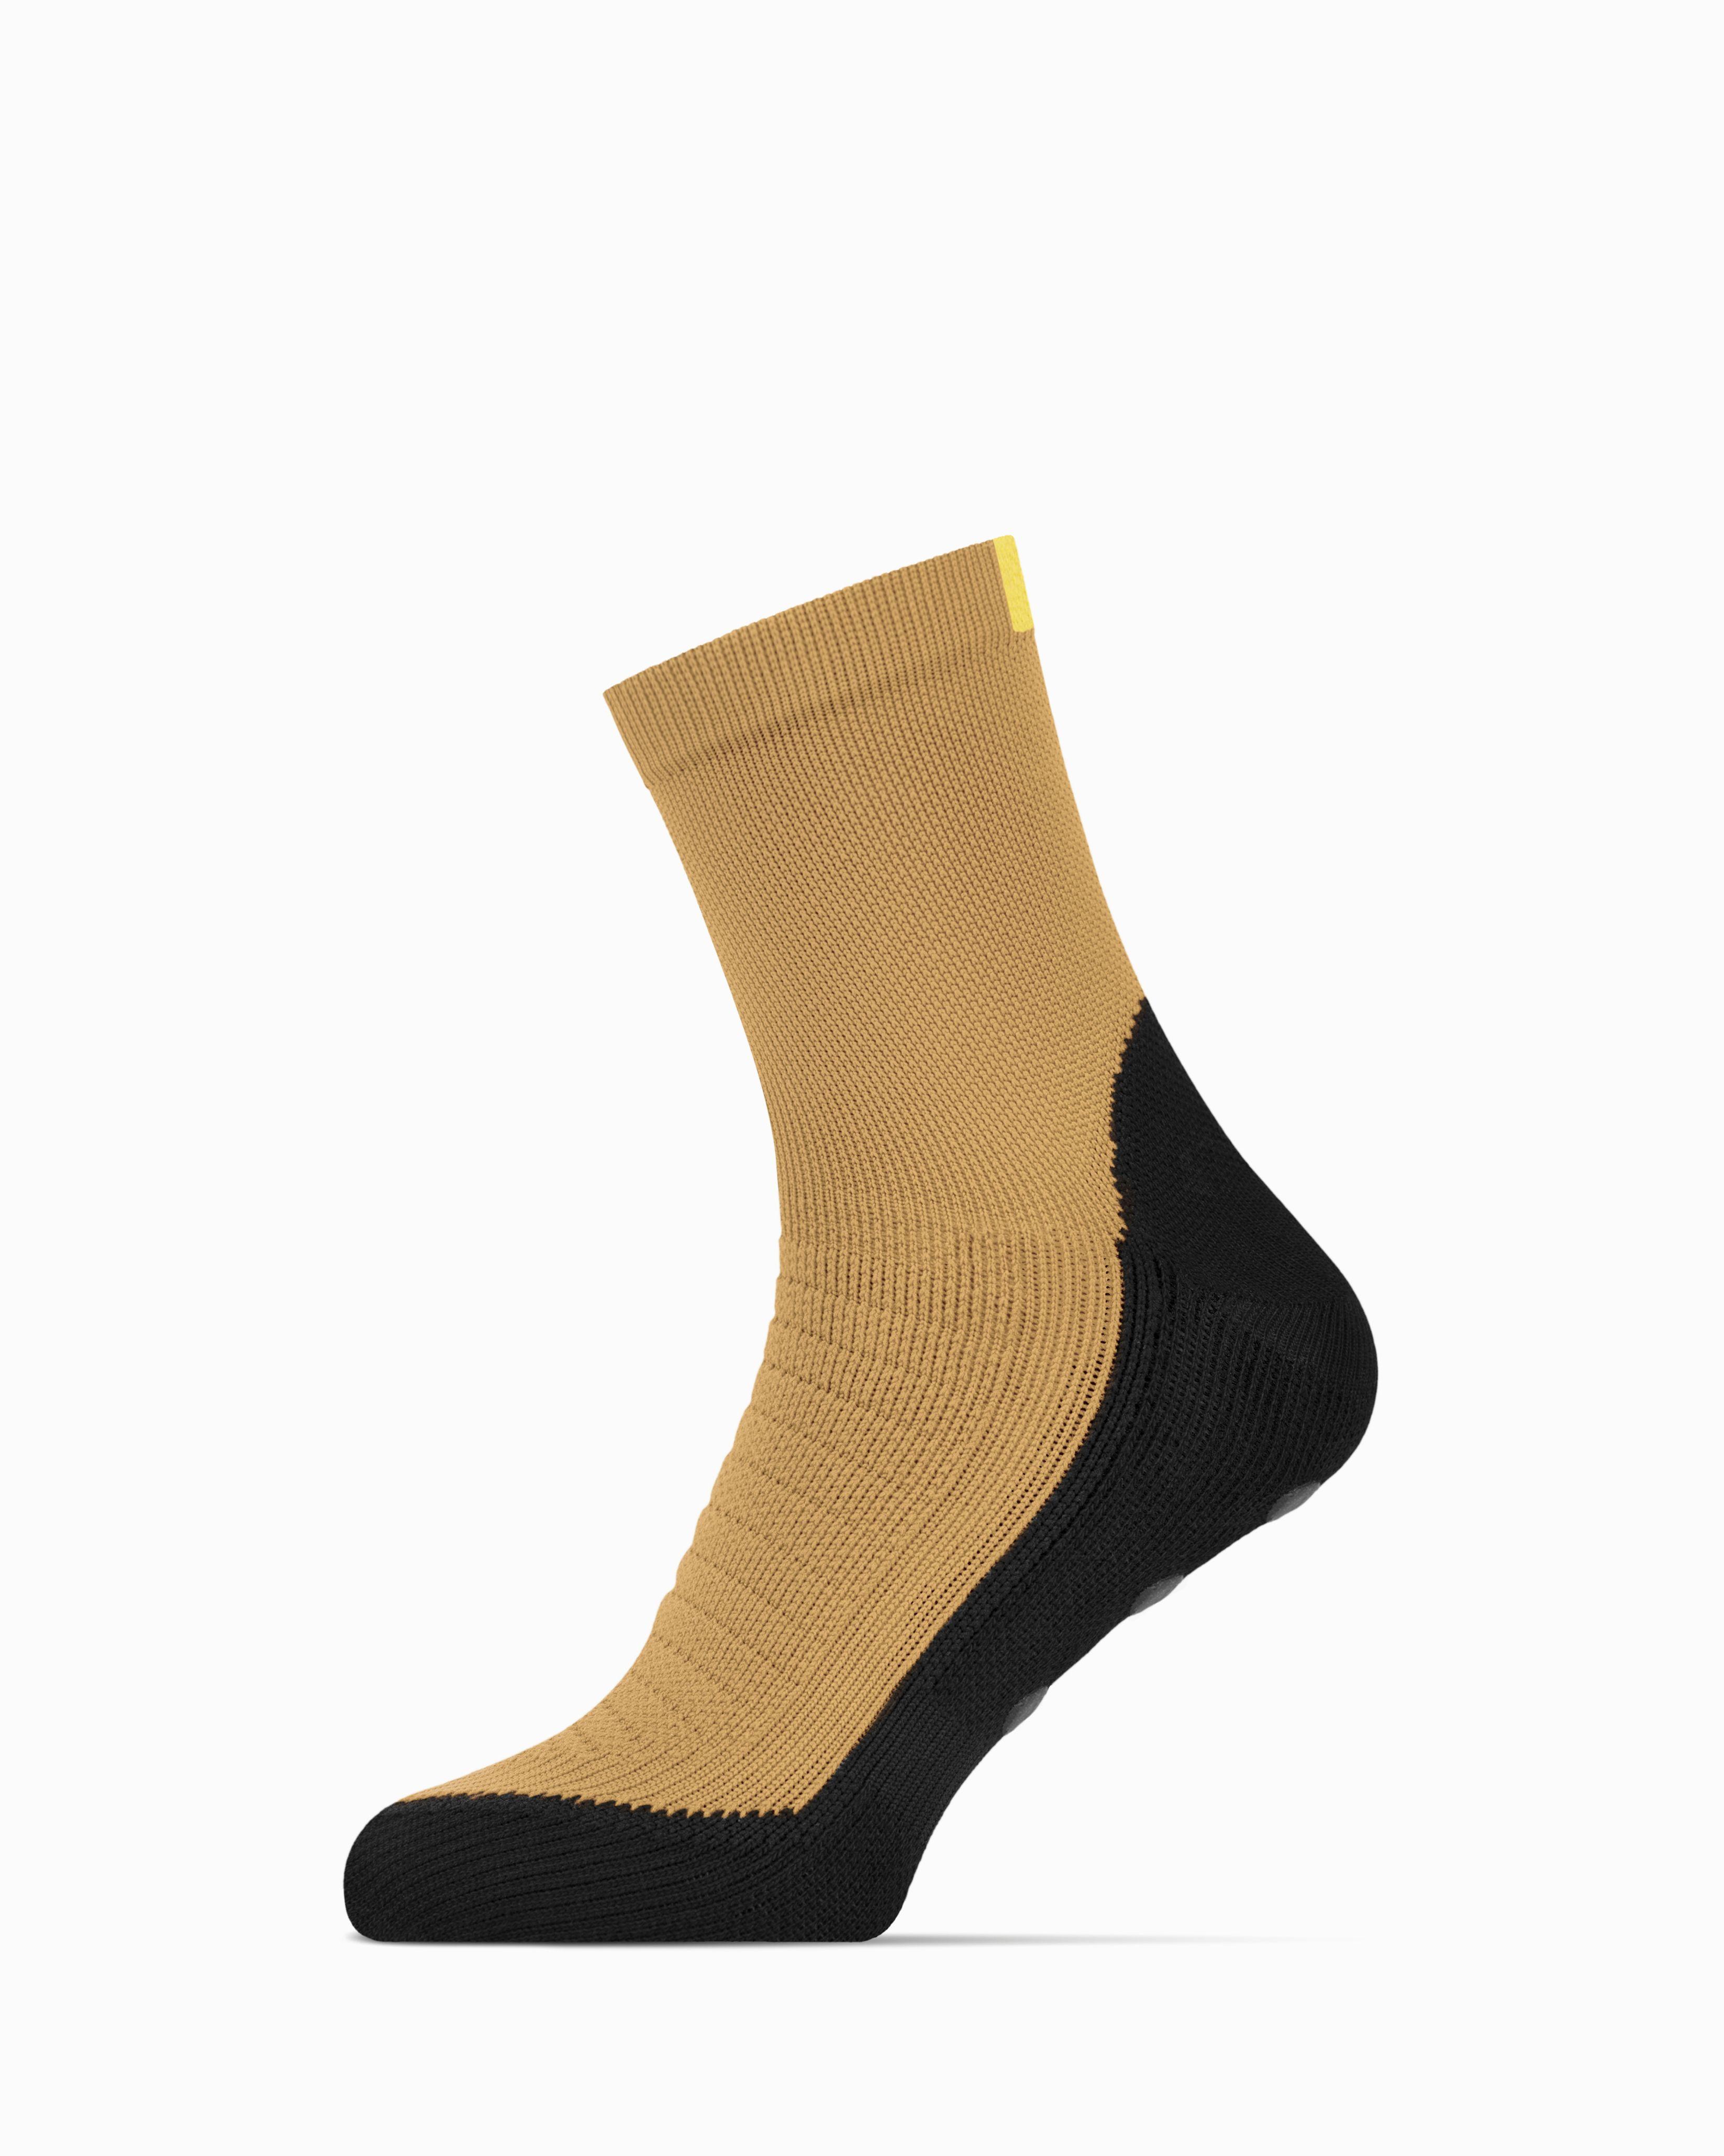 Premgripp Socks (Tan)